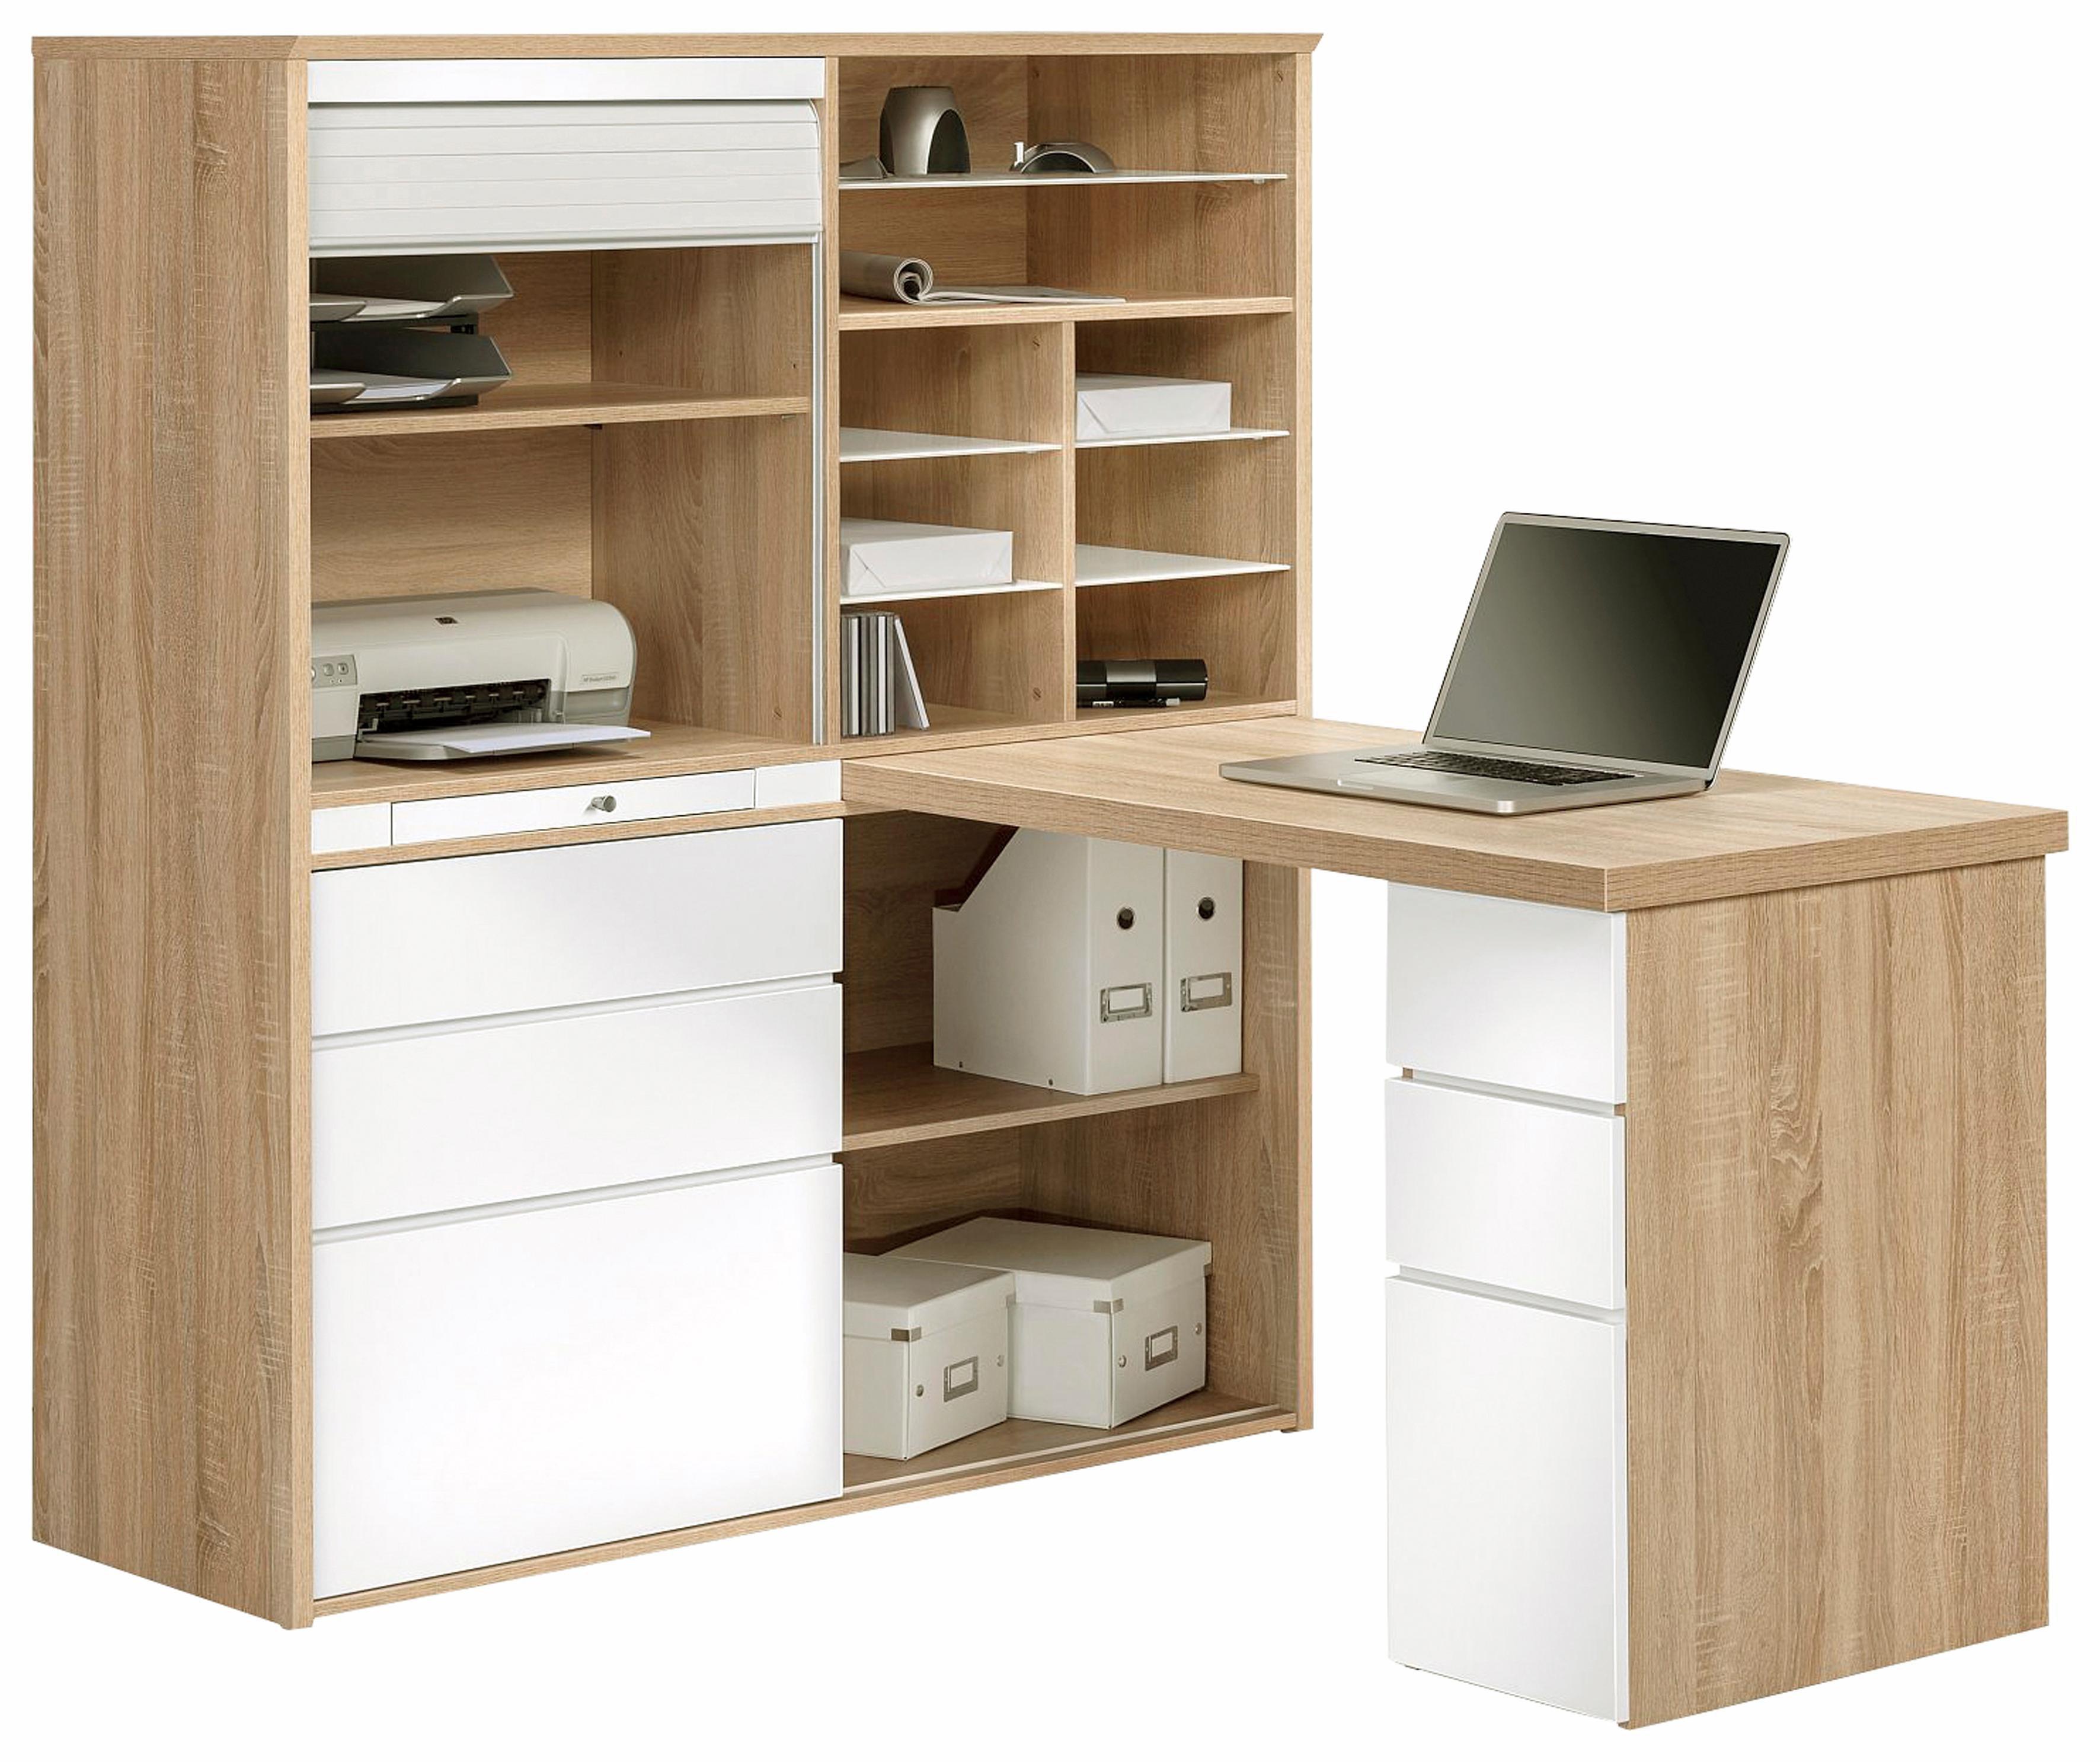 Moderne Wohnwand Buche: Moderne Kche Buche Multiplex Hpl Beschichtung Und T